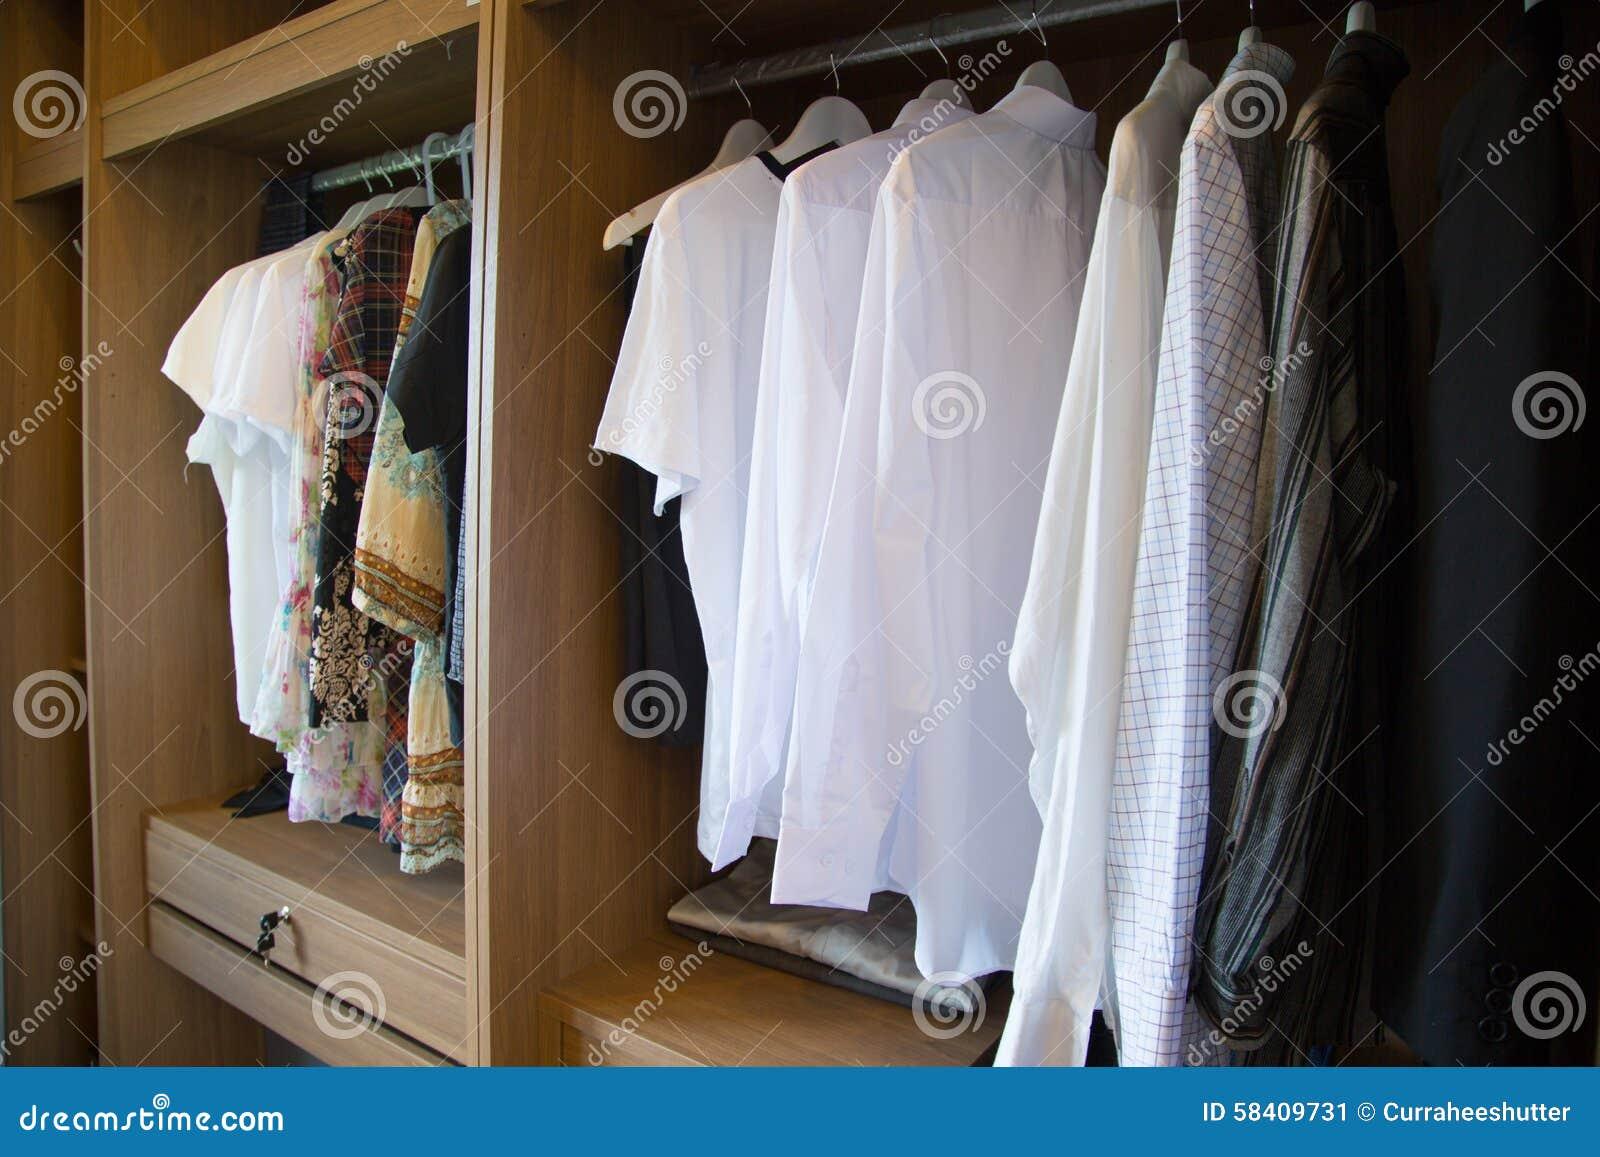 la ropa cuelga en un estante en la ropa de un diseador tienda armario moderno